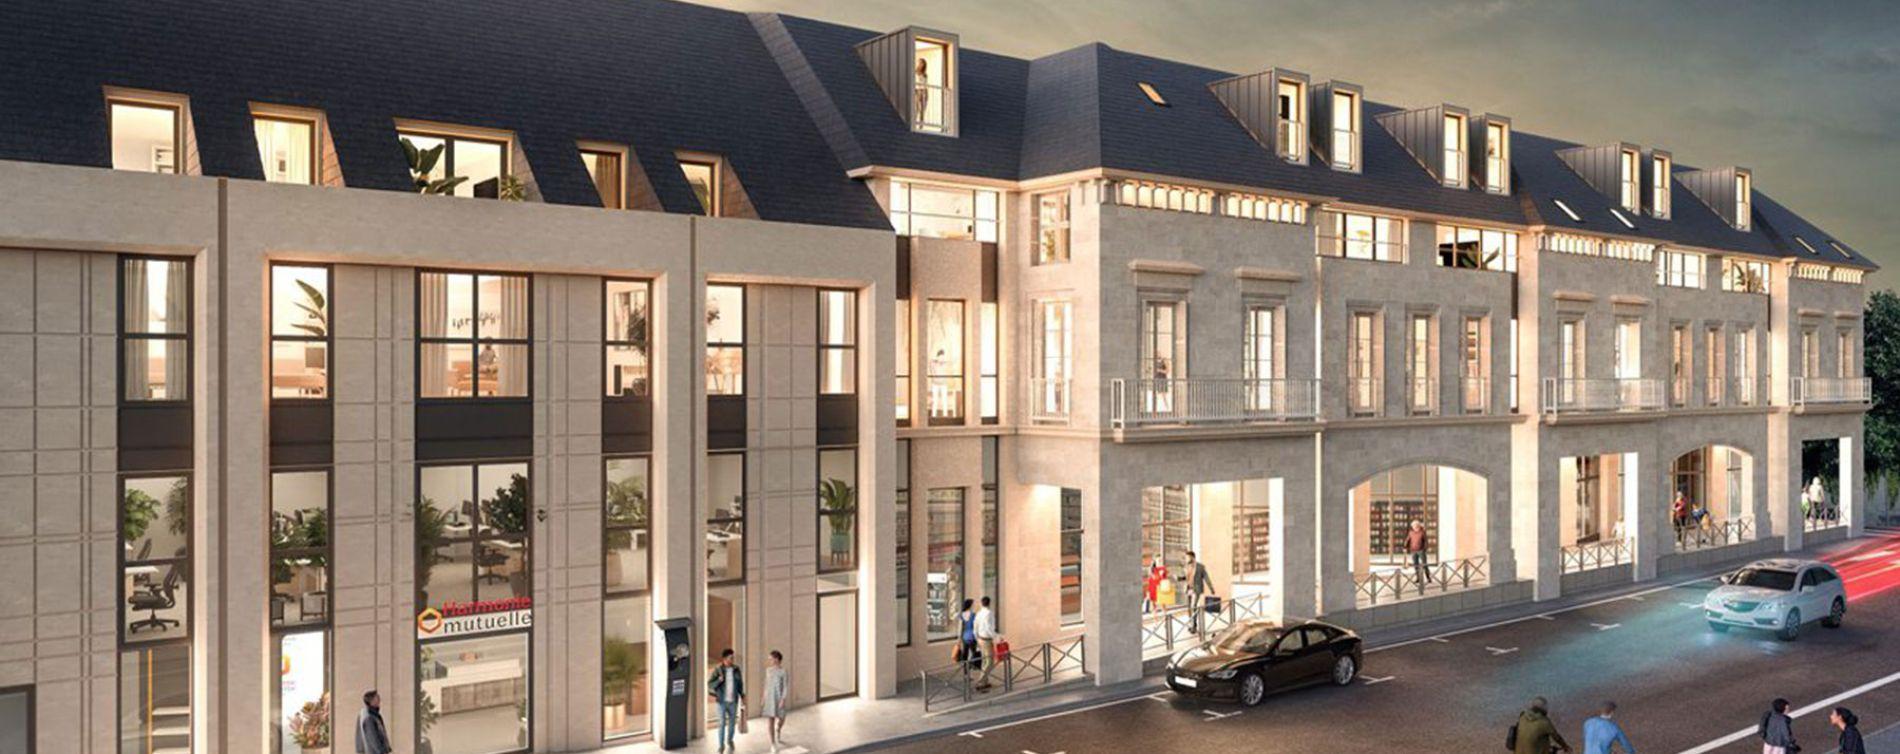 Tours : programme immobilier à rénover « L'Hôtel des Arts » en Loi Malraux